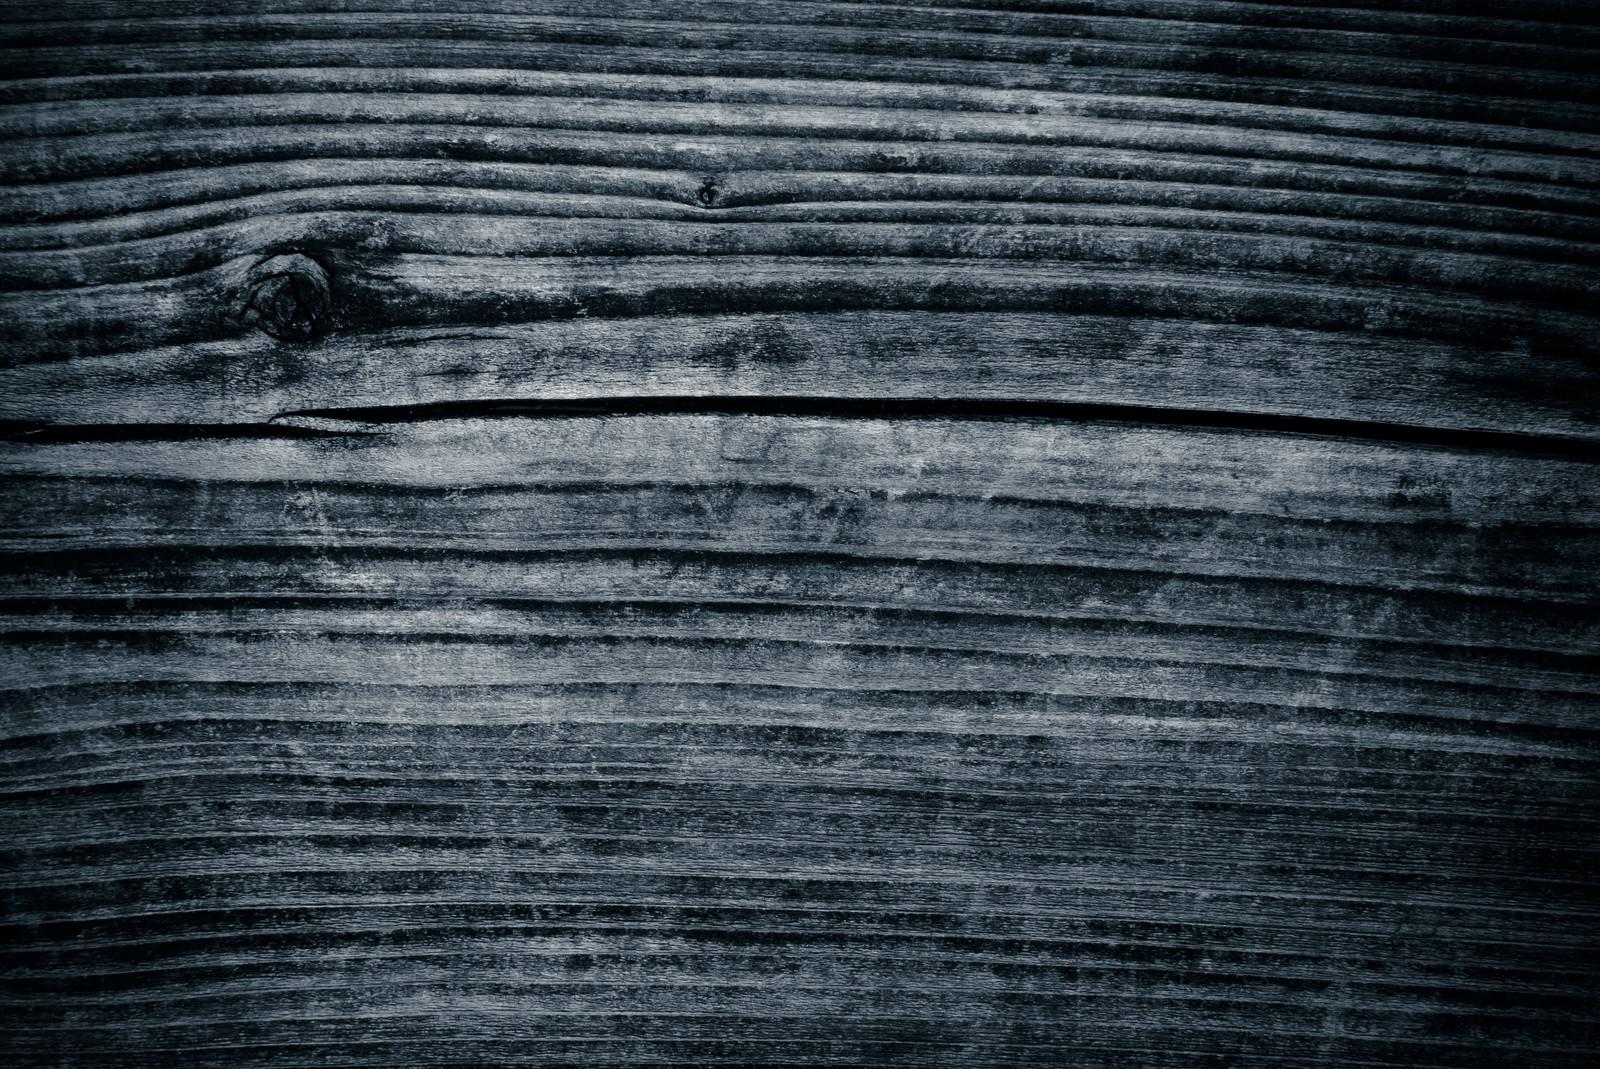 「木の節(テクスチャー)木の節(テクスチャー)」のフリー写真素材を拡大